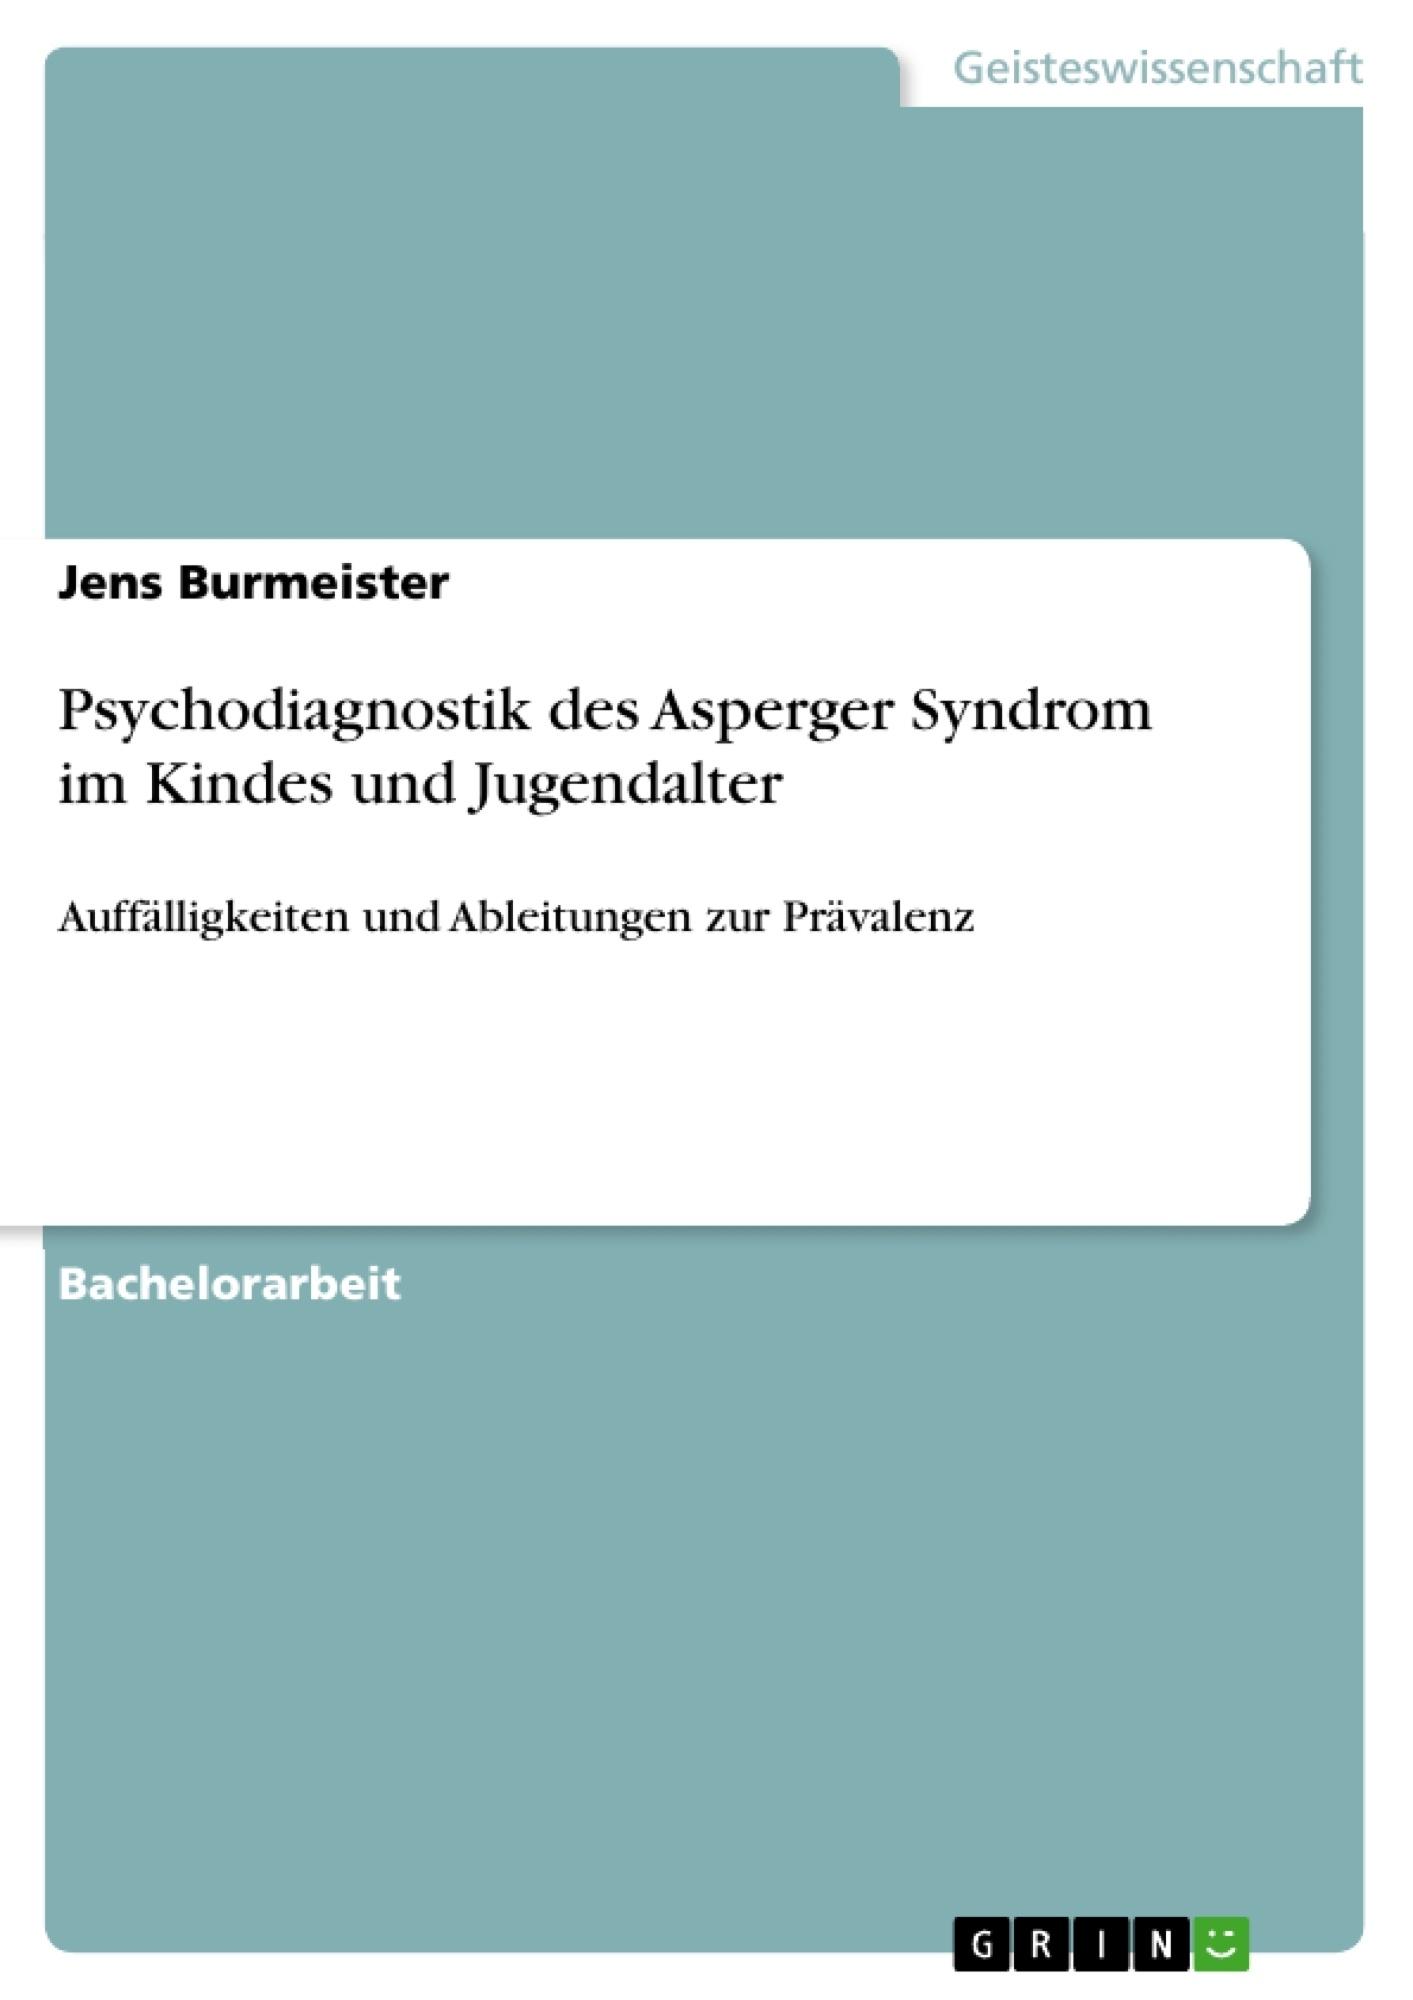 Titel: Psychodiagnostik des Asperger Syndrom im Kindes und Jugendalter